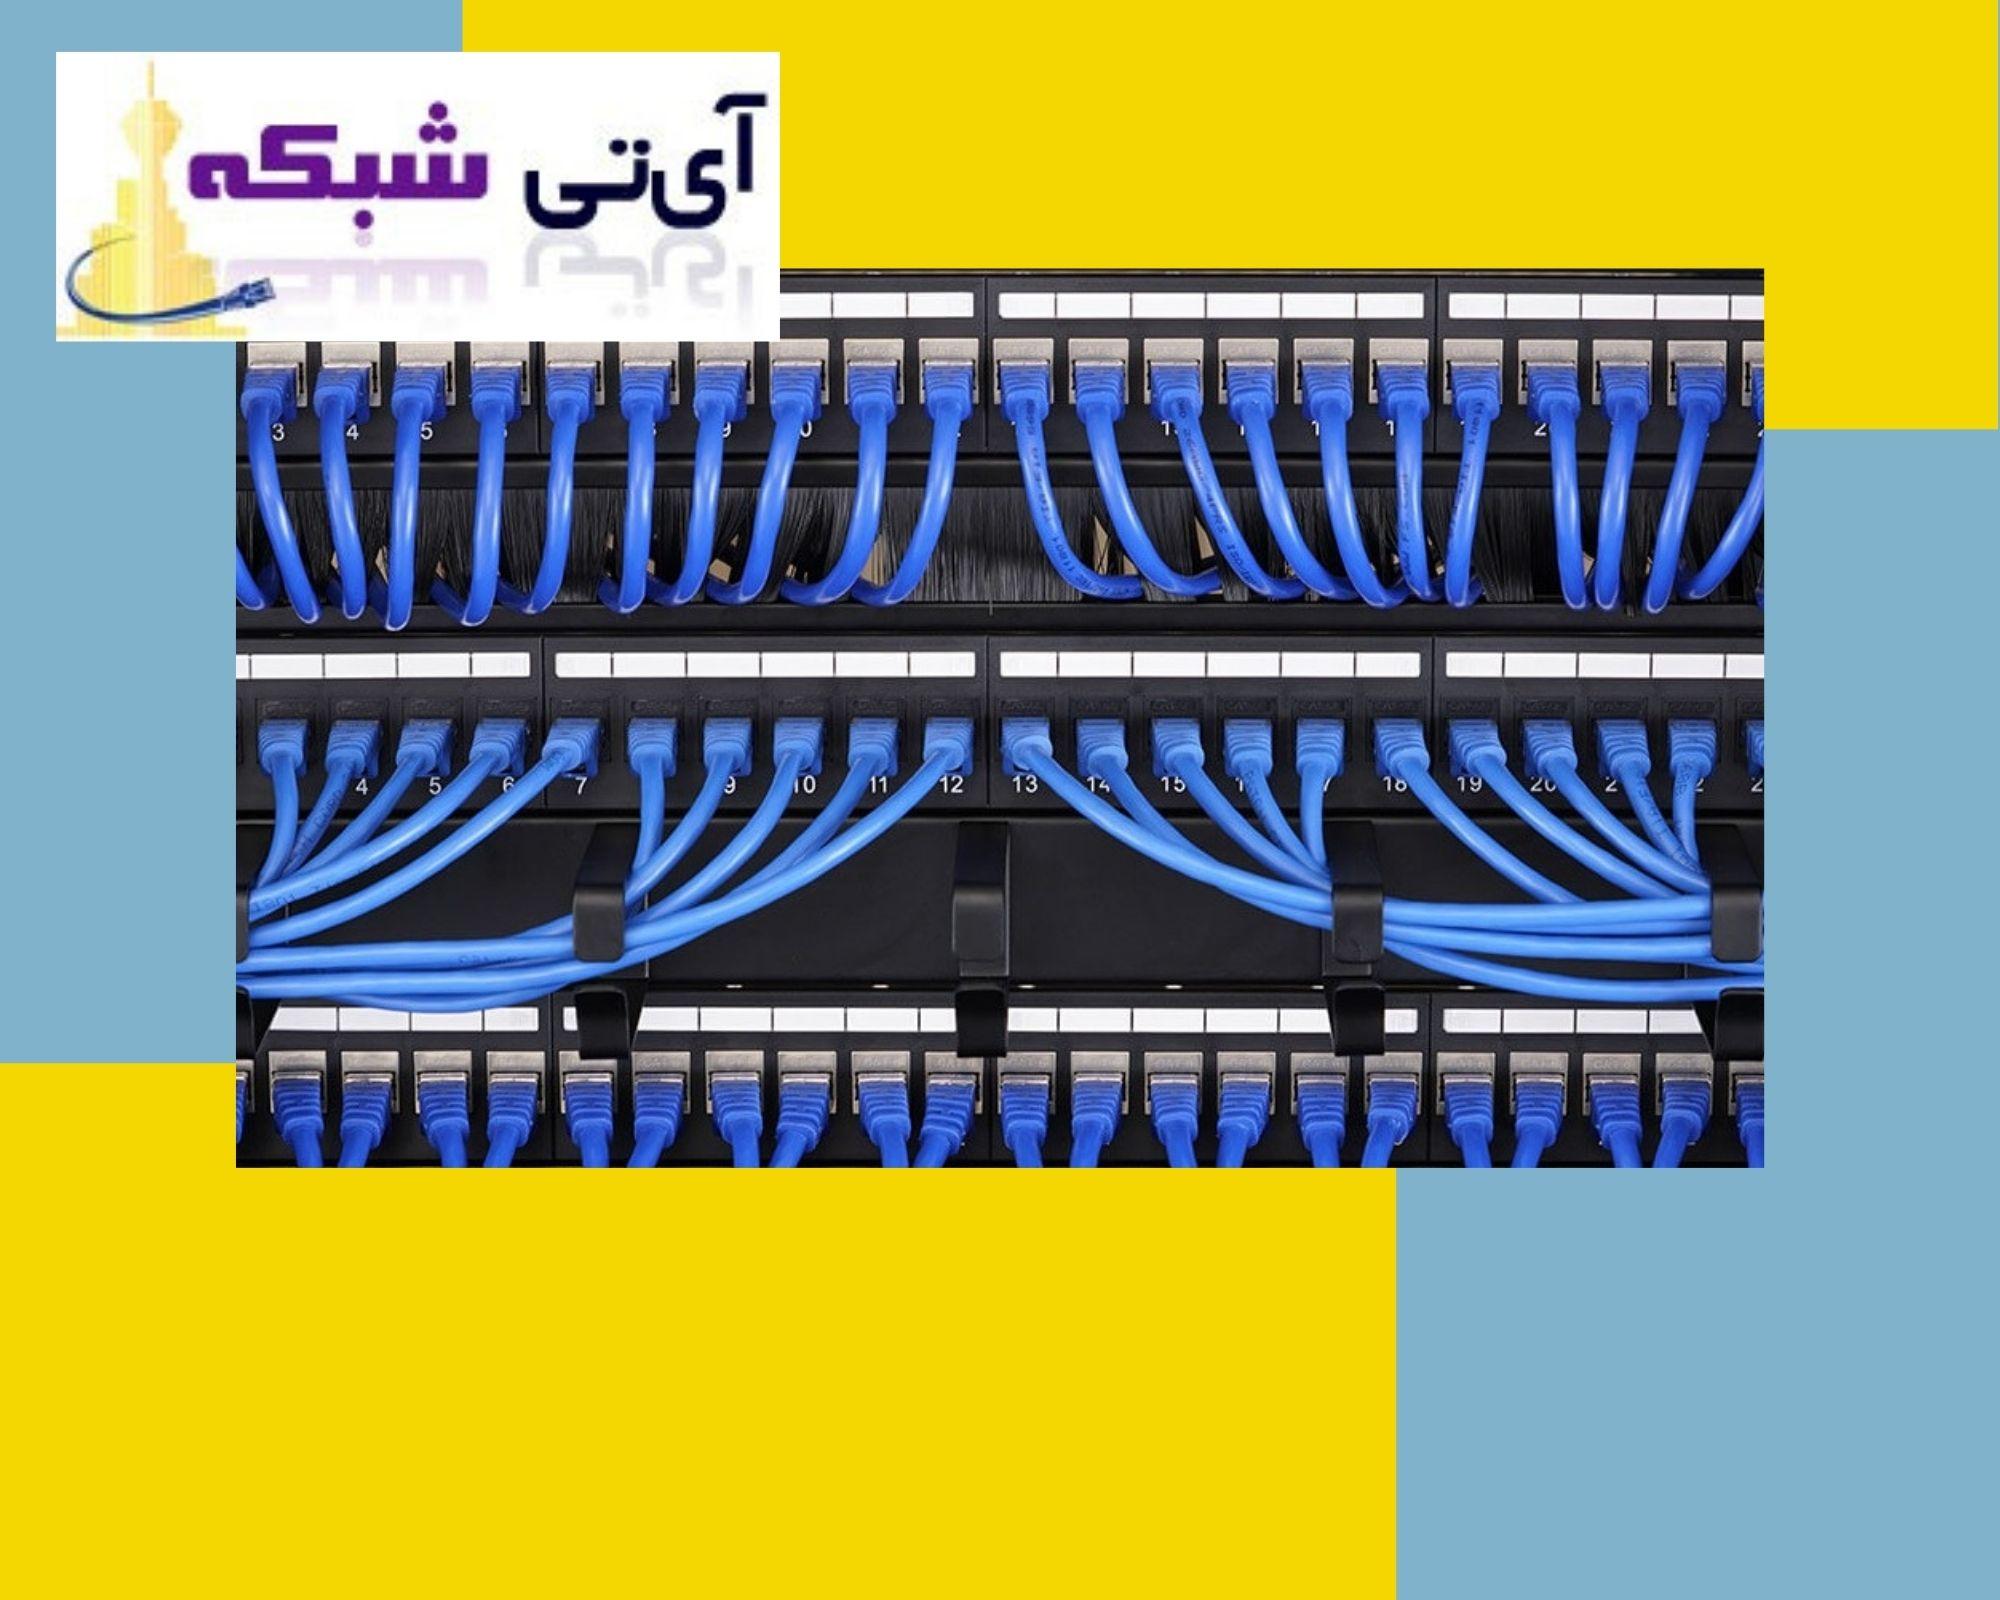 پچ - پنل - لگراند - ای تی - شبکه